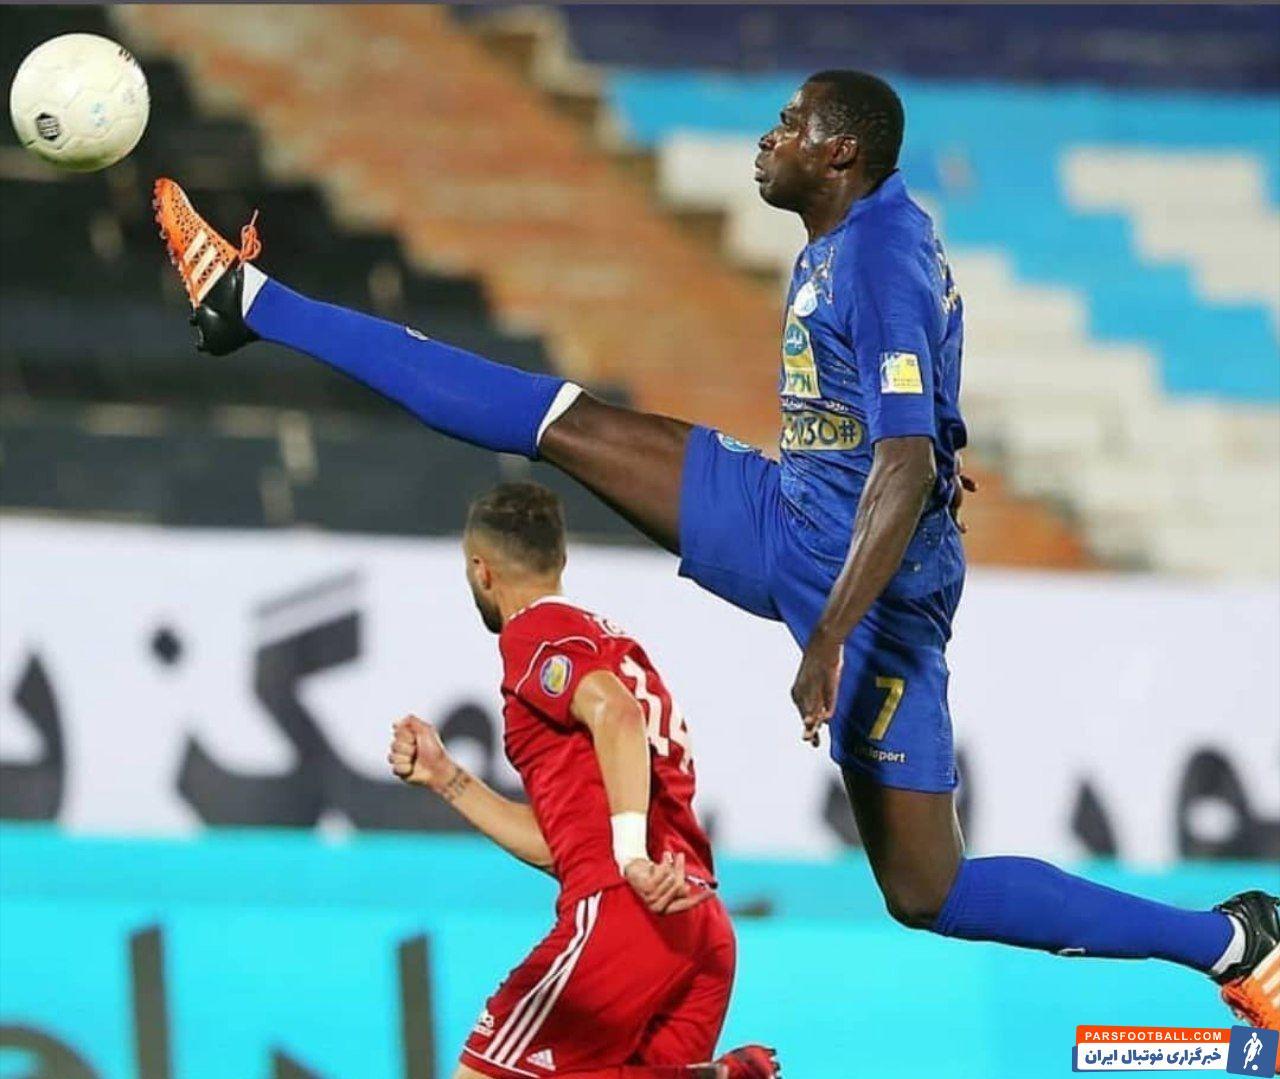 تصویری از شیخ دیاباته مهاجم تنومند استقلال در این بازی شکارشده که او در حال مهار توپ است و اهالی فوتبال را به یاد لوگوی بوندسلیگا میاندازد.